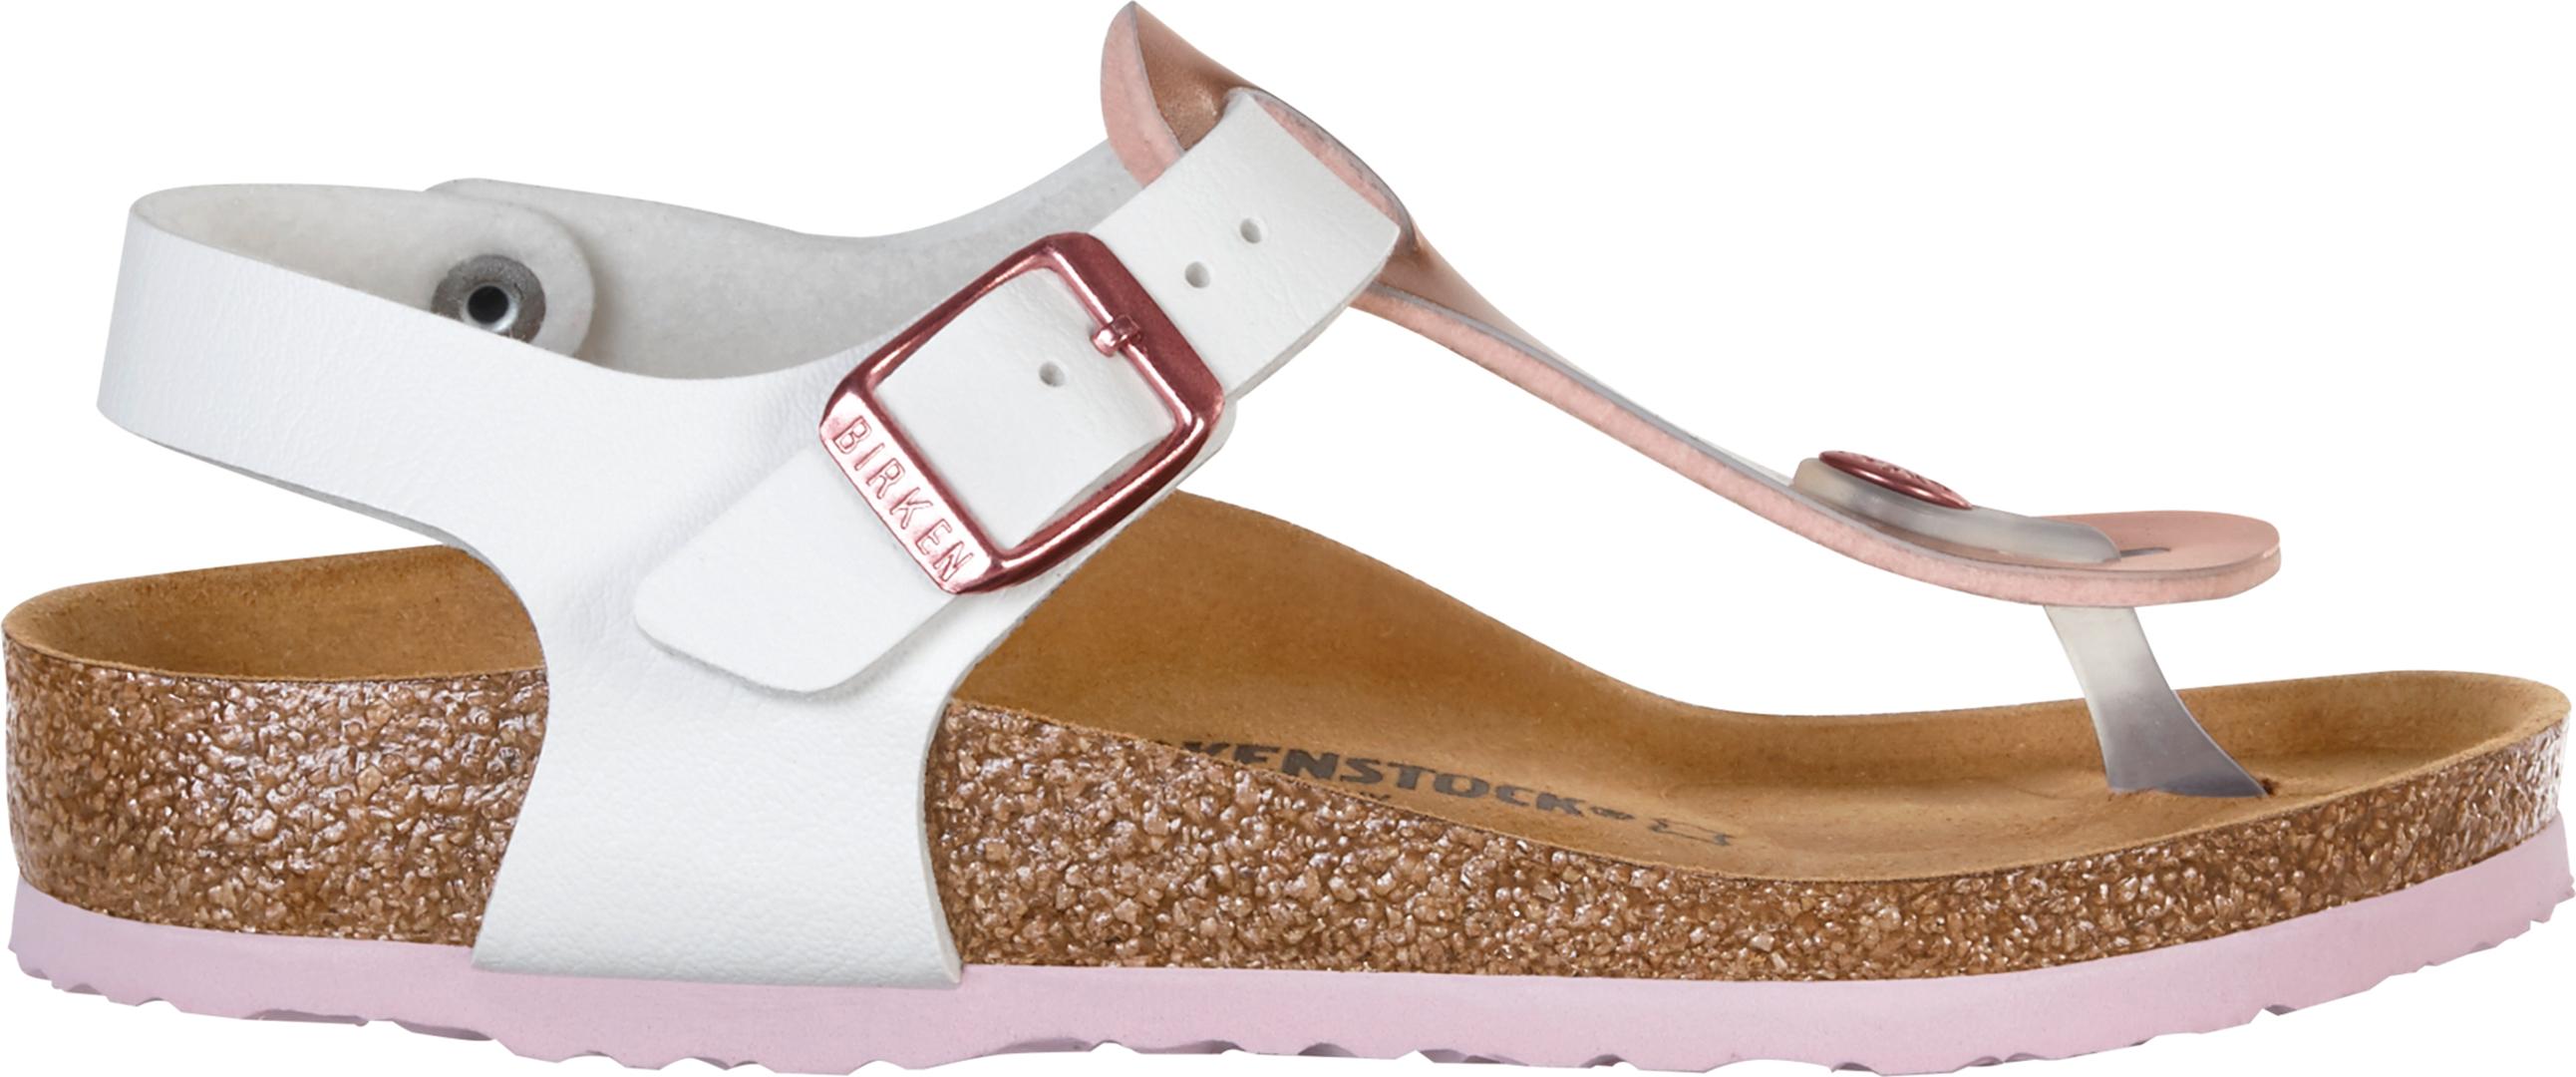 Birkenstock KAIRO KIDS SLIM Sandal 2018 soft metallics rose white ... 529c80c586